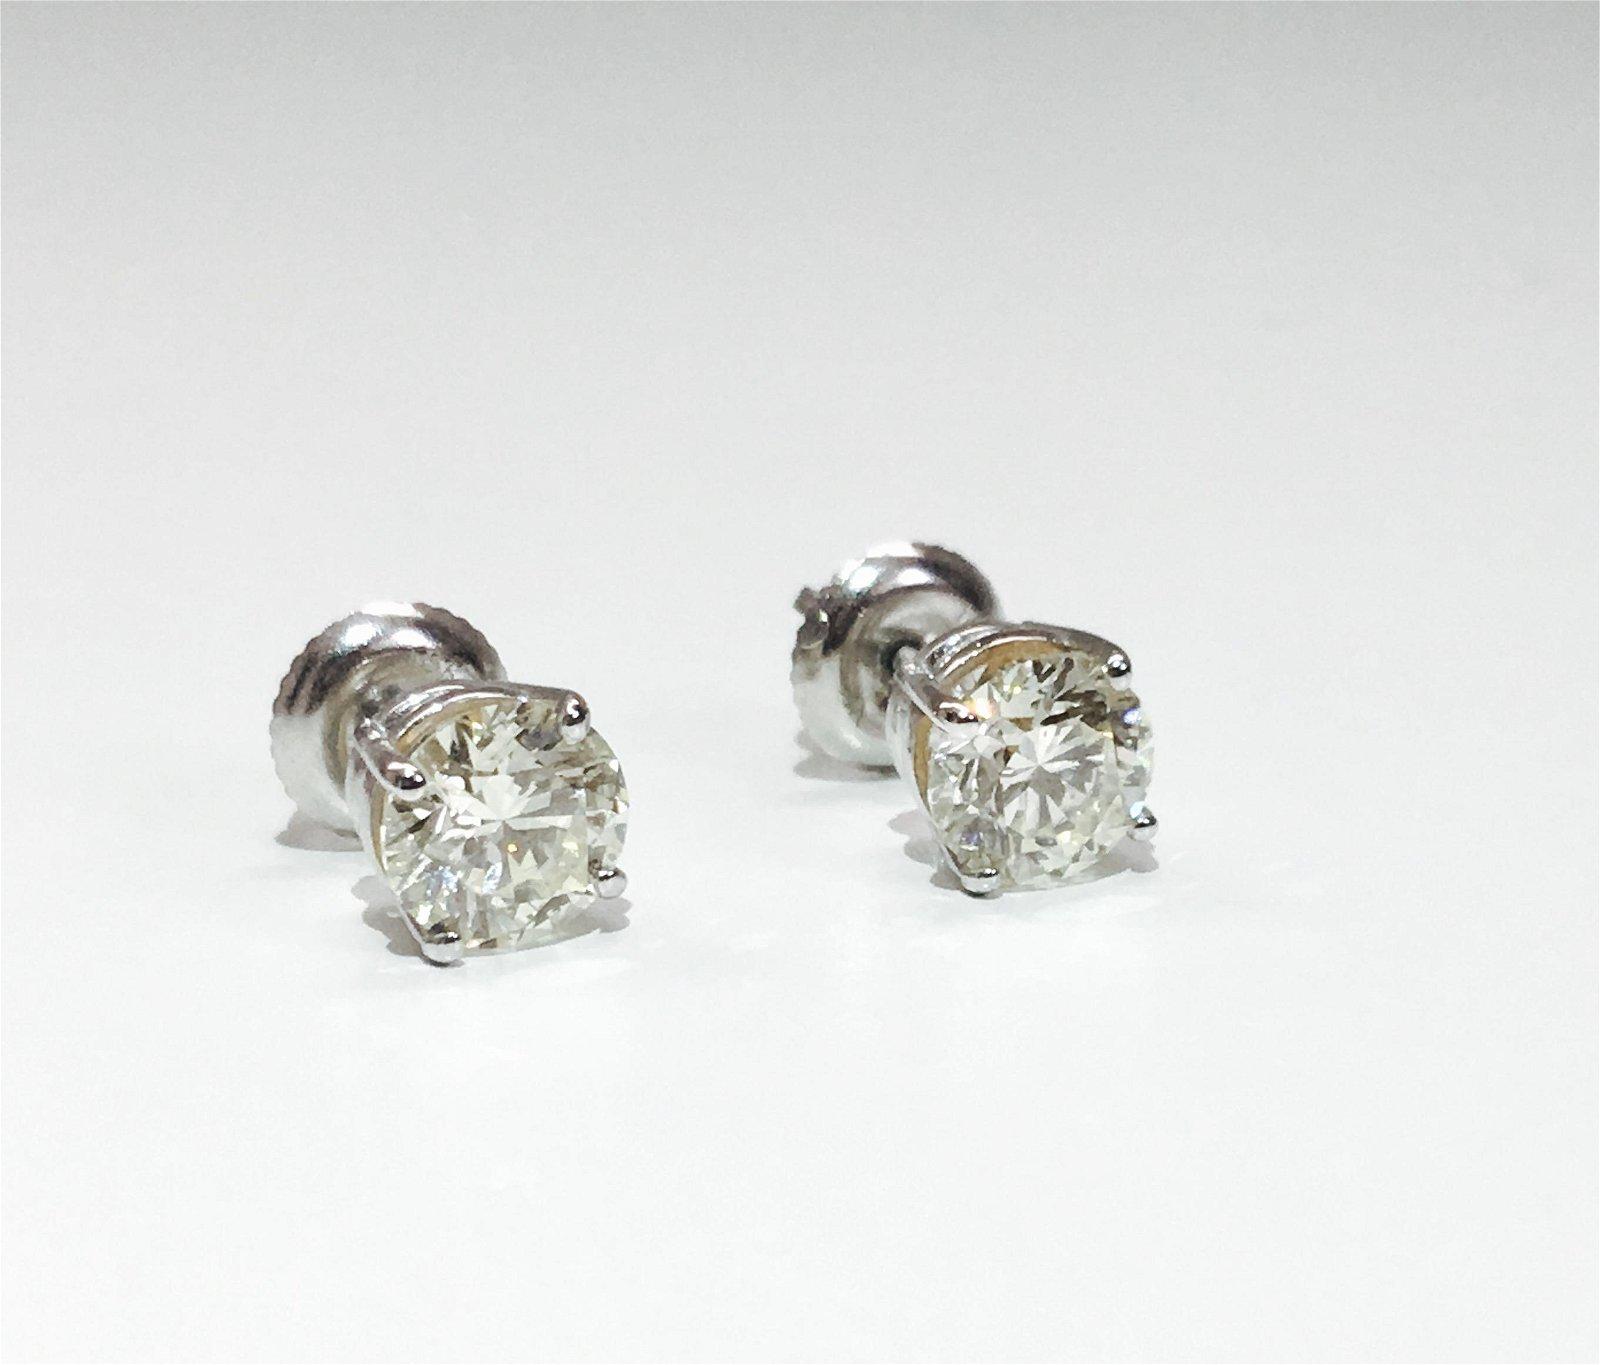 2.00 Carat Diamonds in 14K Gold earrings. Certified